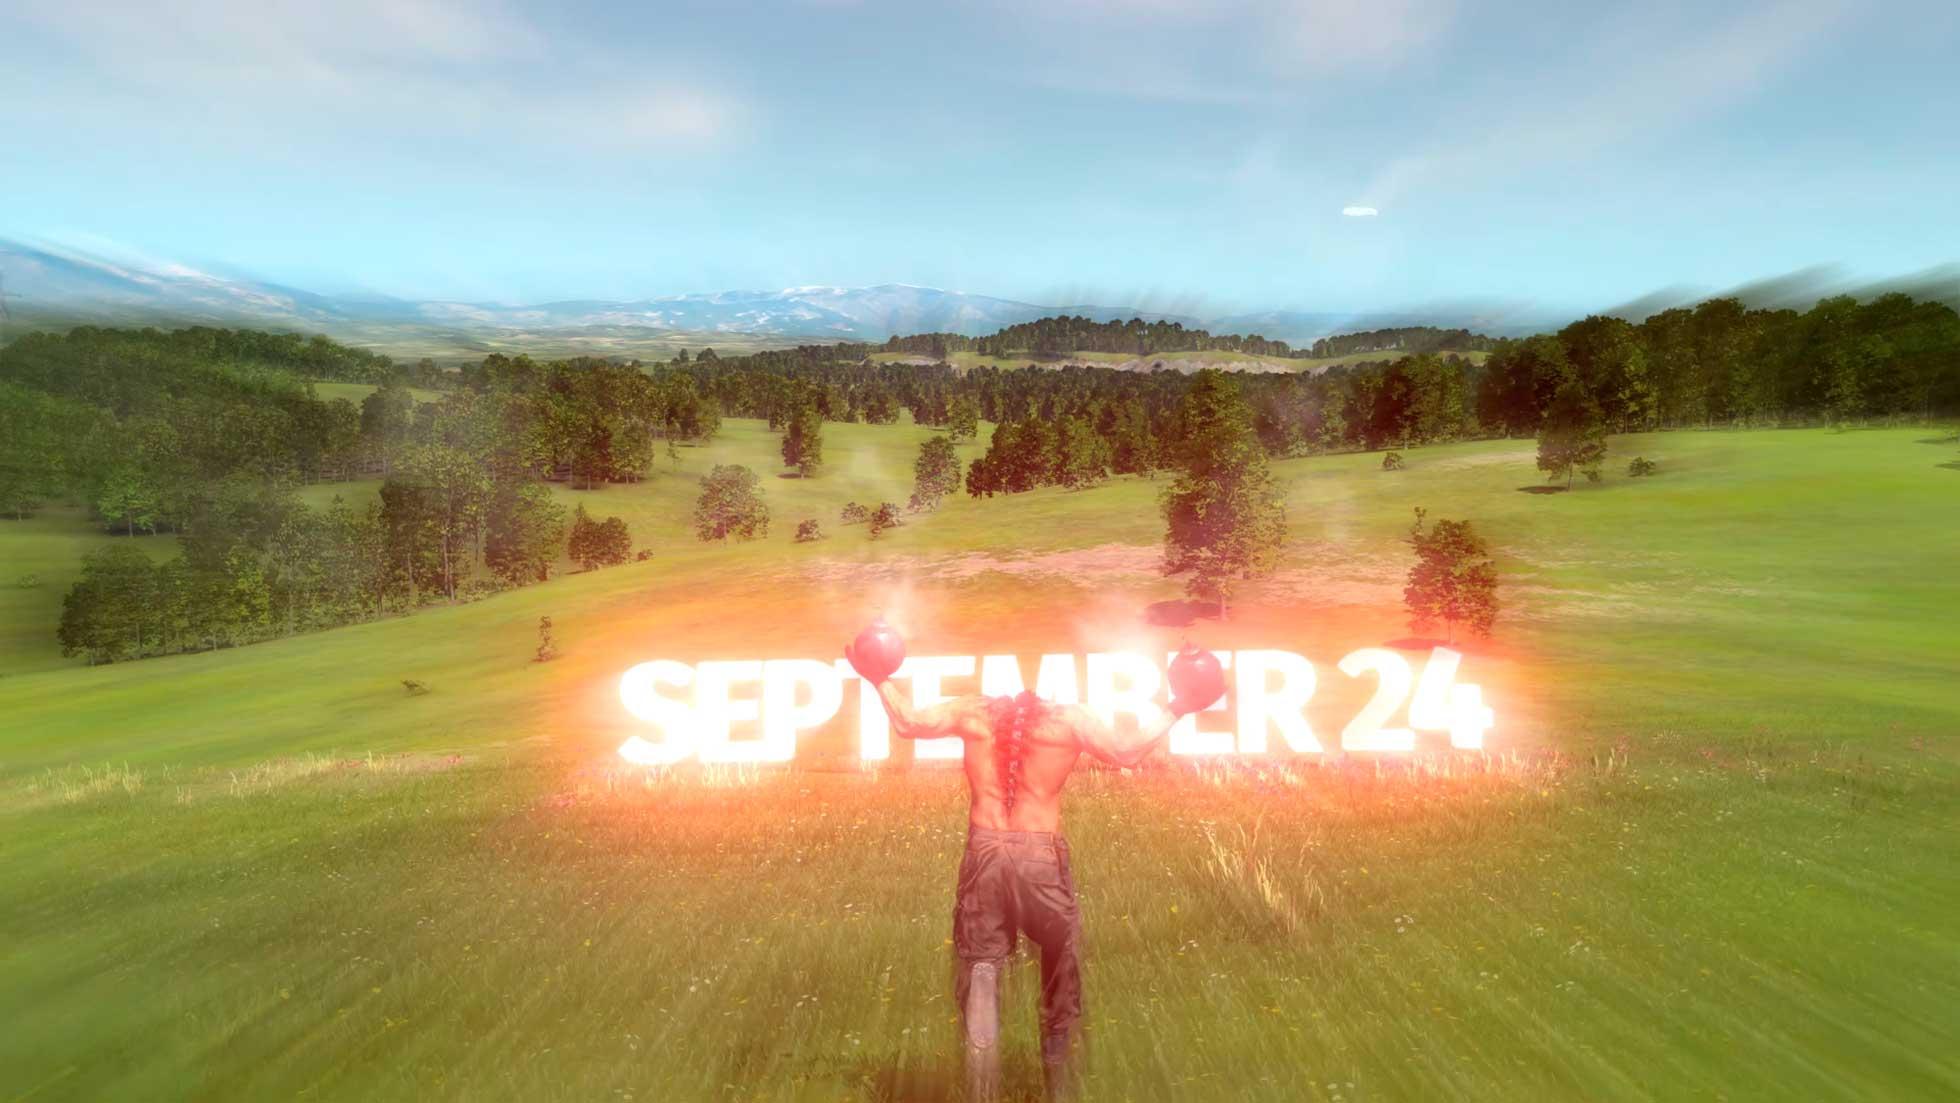 Дата выхода Serious Sam 4 откладывается до 24 сентября